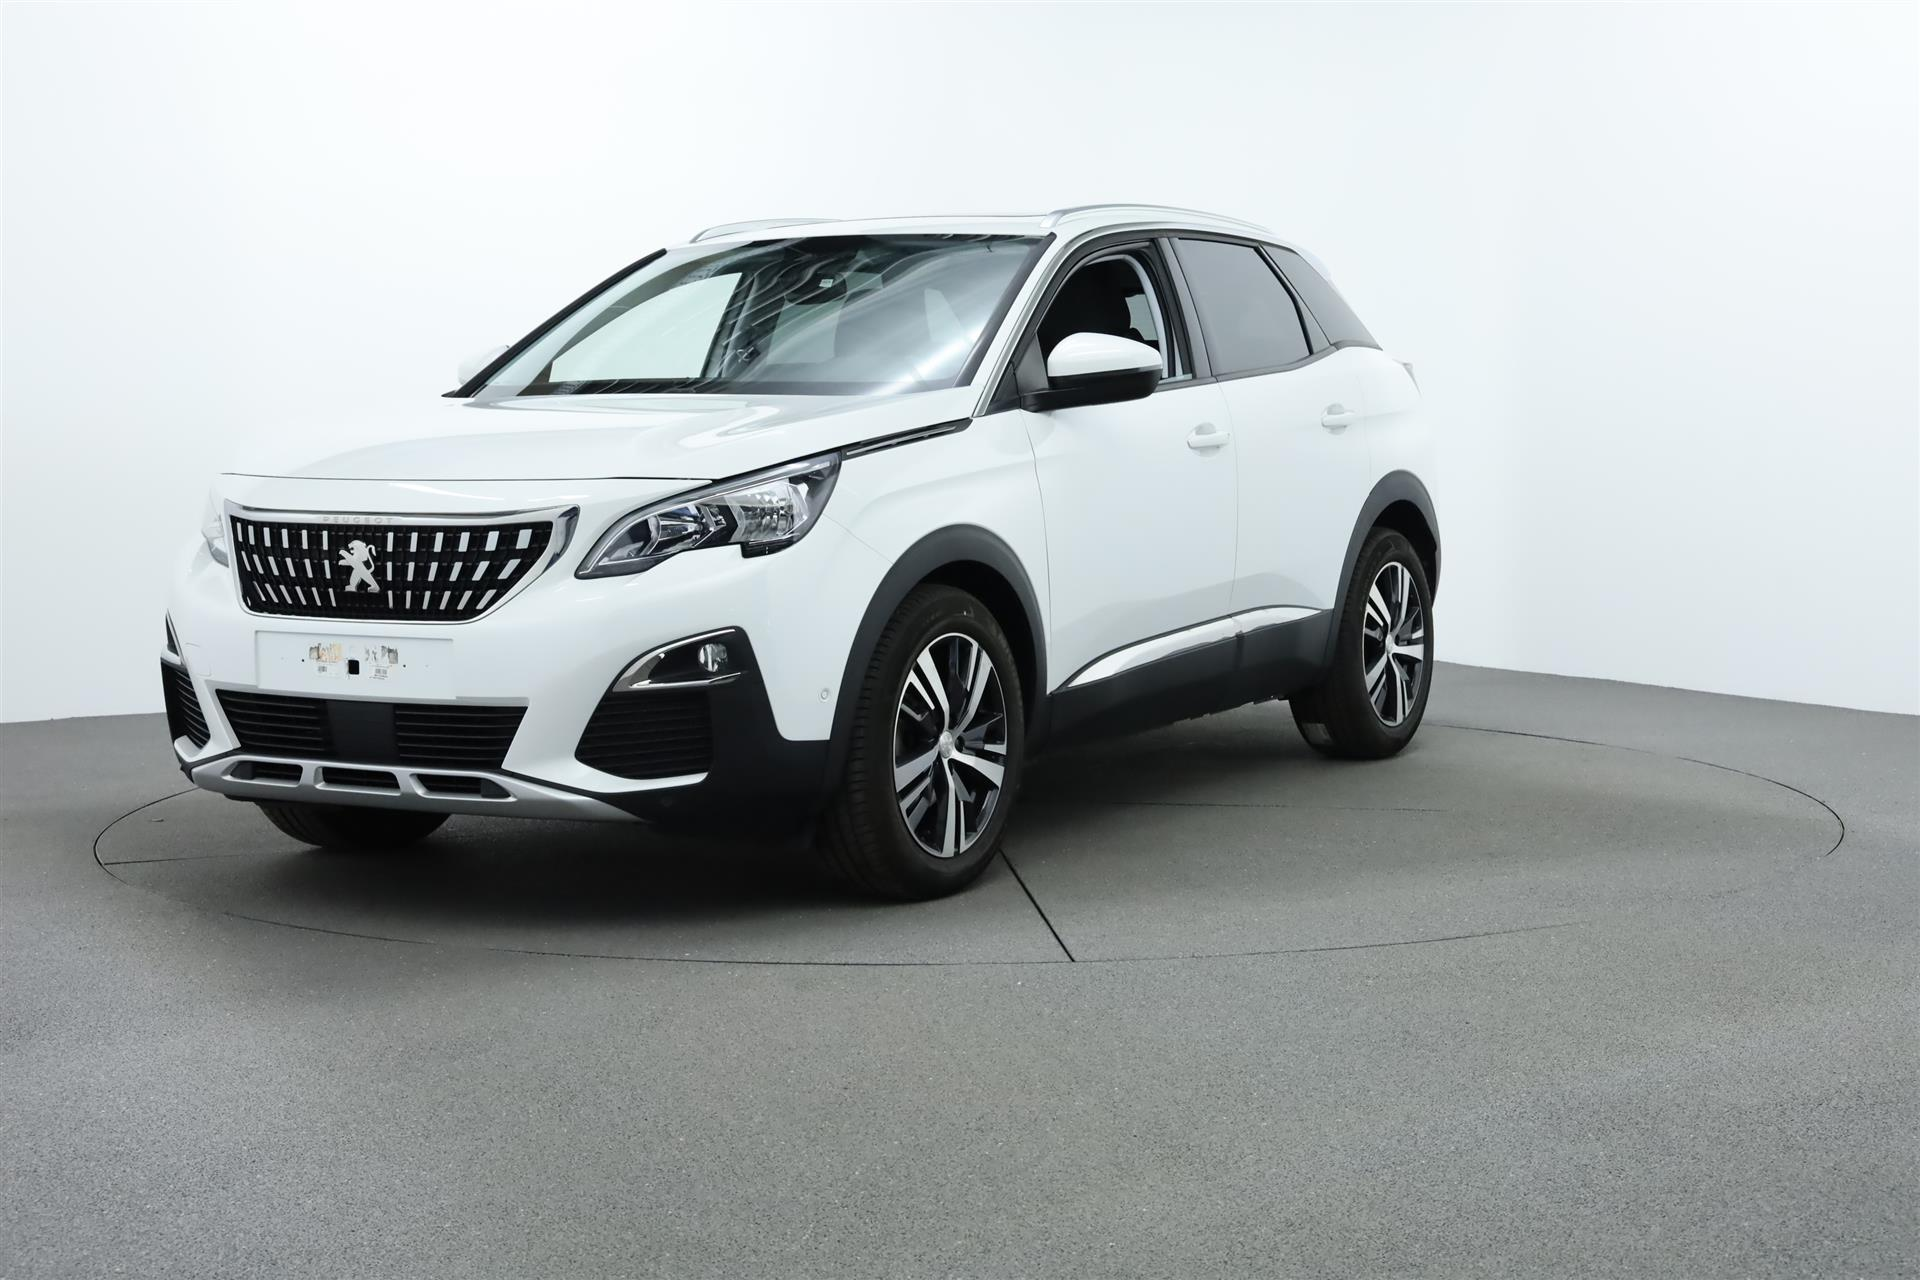 Billede af Peugeot 3008 1,2 PureTech Allure 130HK 5d 6g